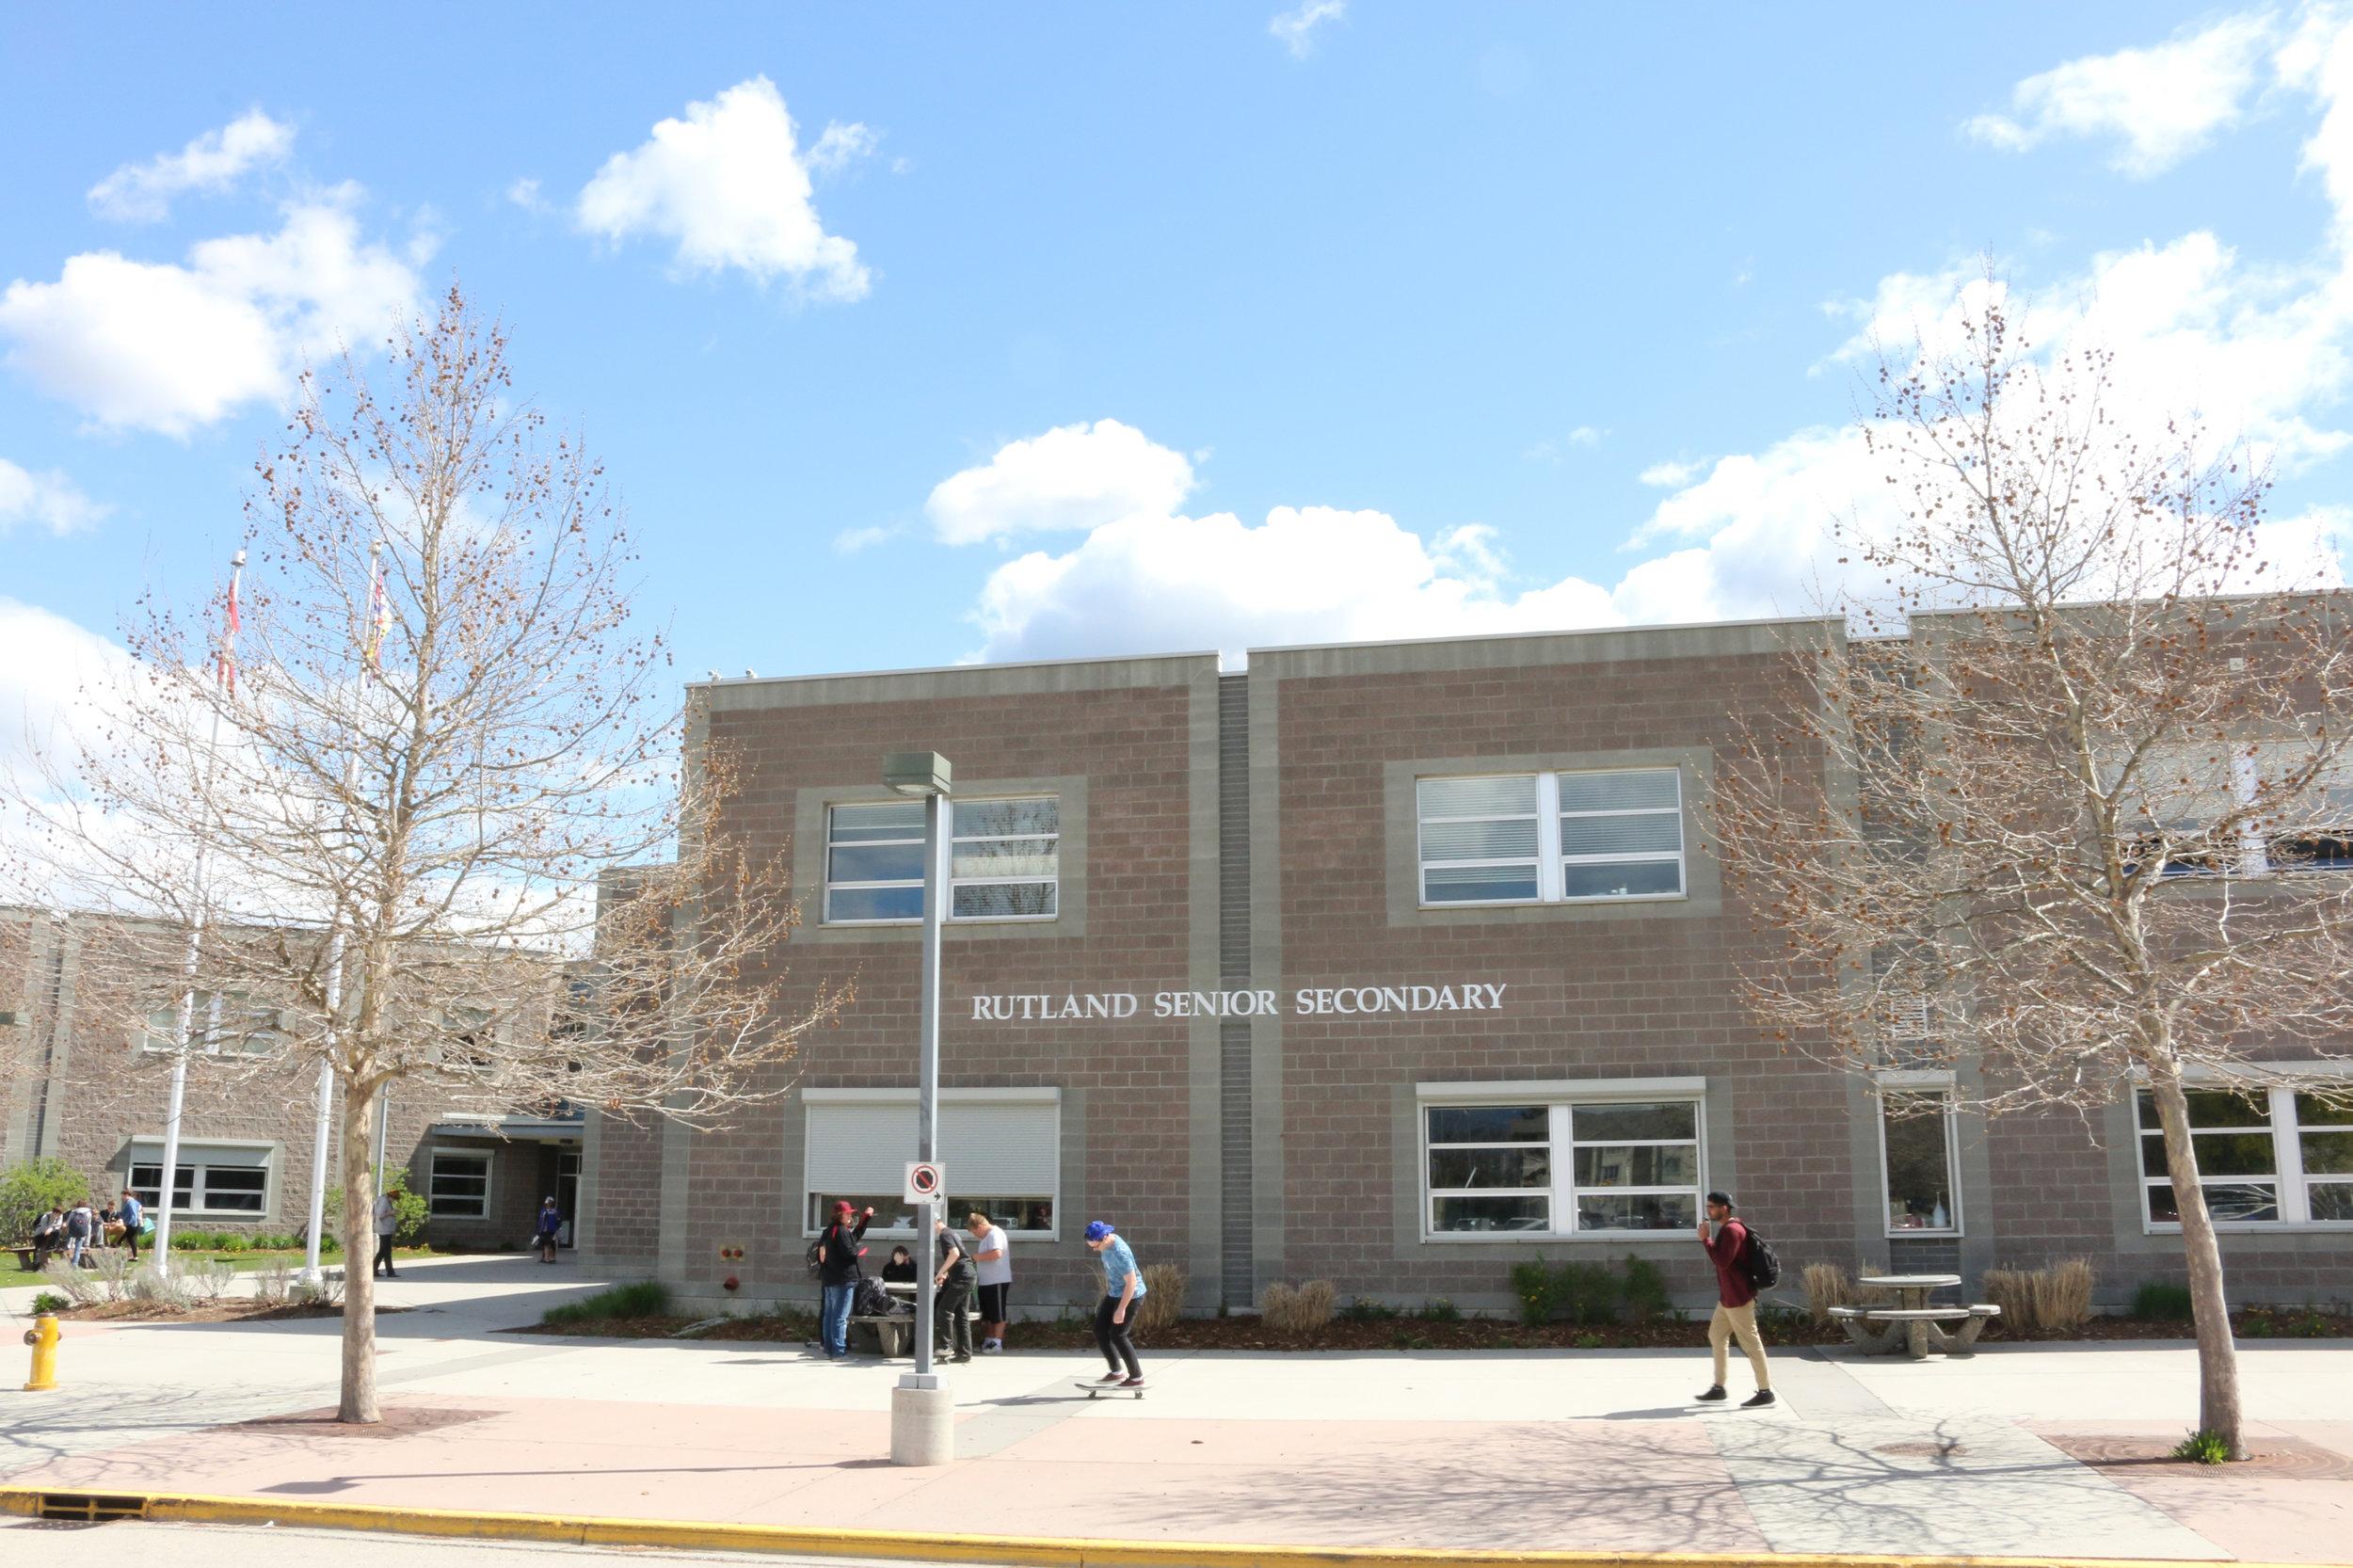 kelowna-rutland-senior-secondary-school.jpg